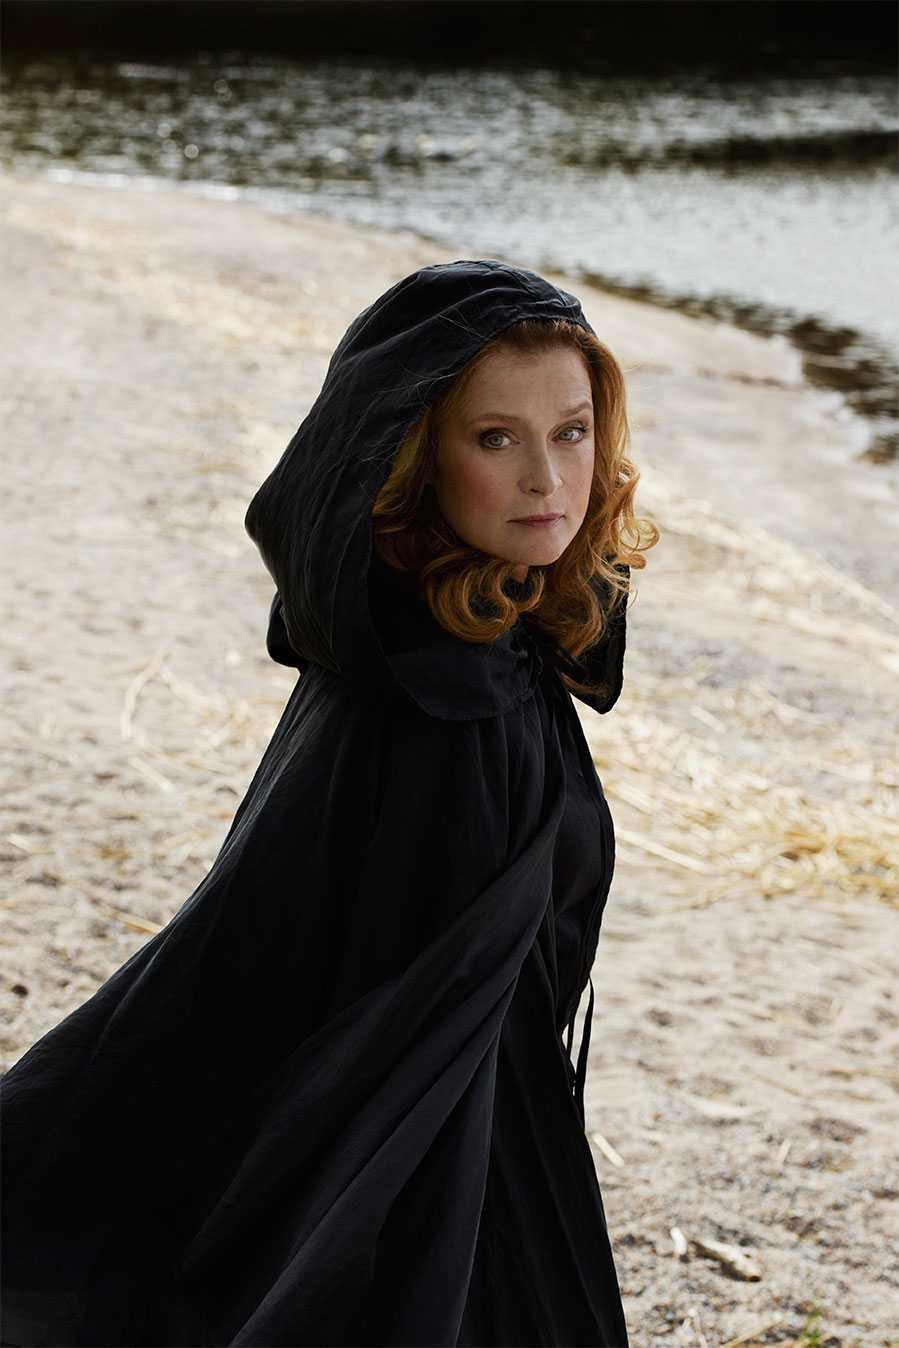 """November: Lena Endre, skådespelare. """"Längst ut på den svängda piren i den engelska kuststaden Lyme står en kvinna som visst gett sig åt en fransk löjtnant. Vetenskapsmannen Charles och den gåtfulla Sarah griper efter varandra för att slippa vara lika fastlåsta i tiden som fossilen i stenarna han samlar."""""""